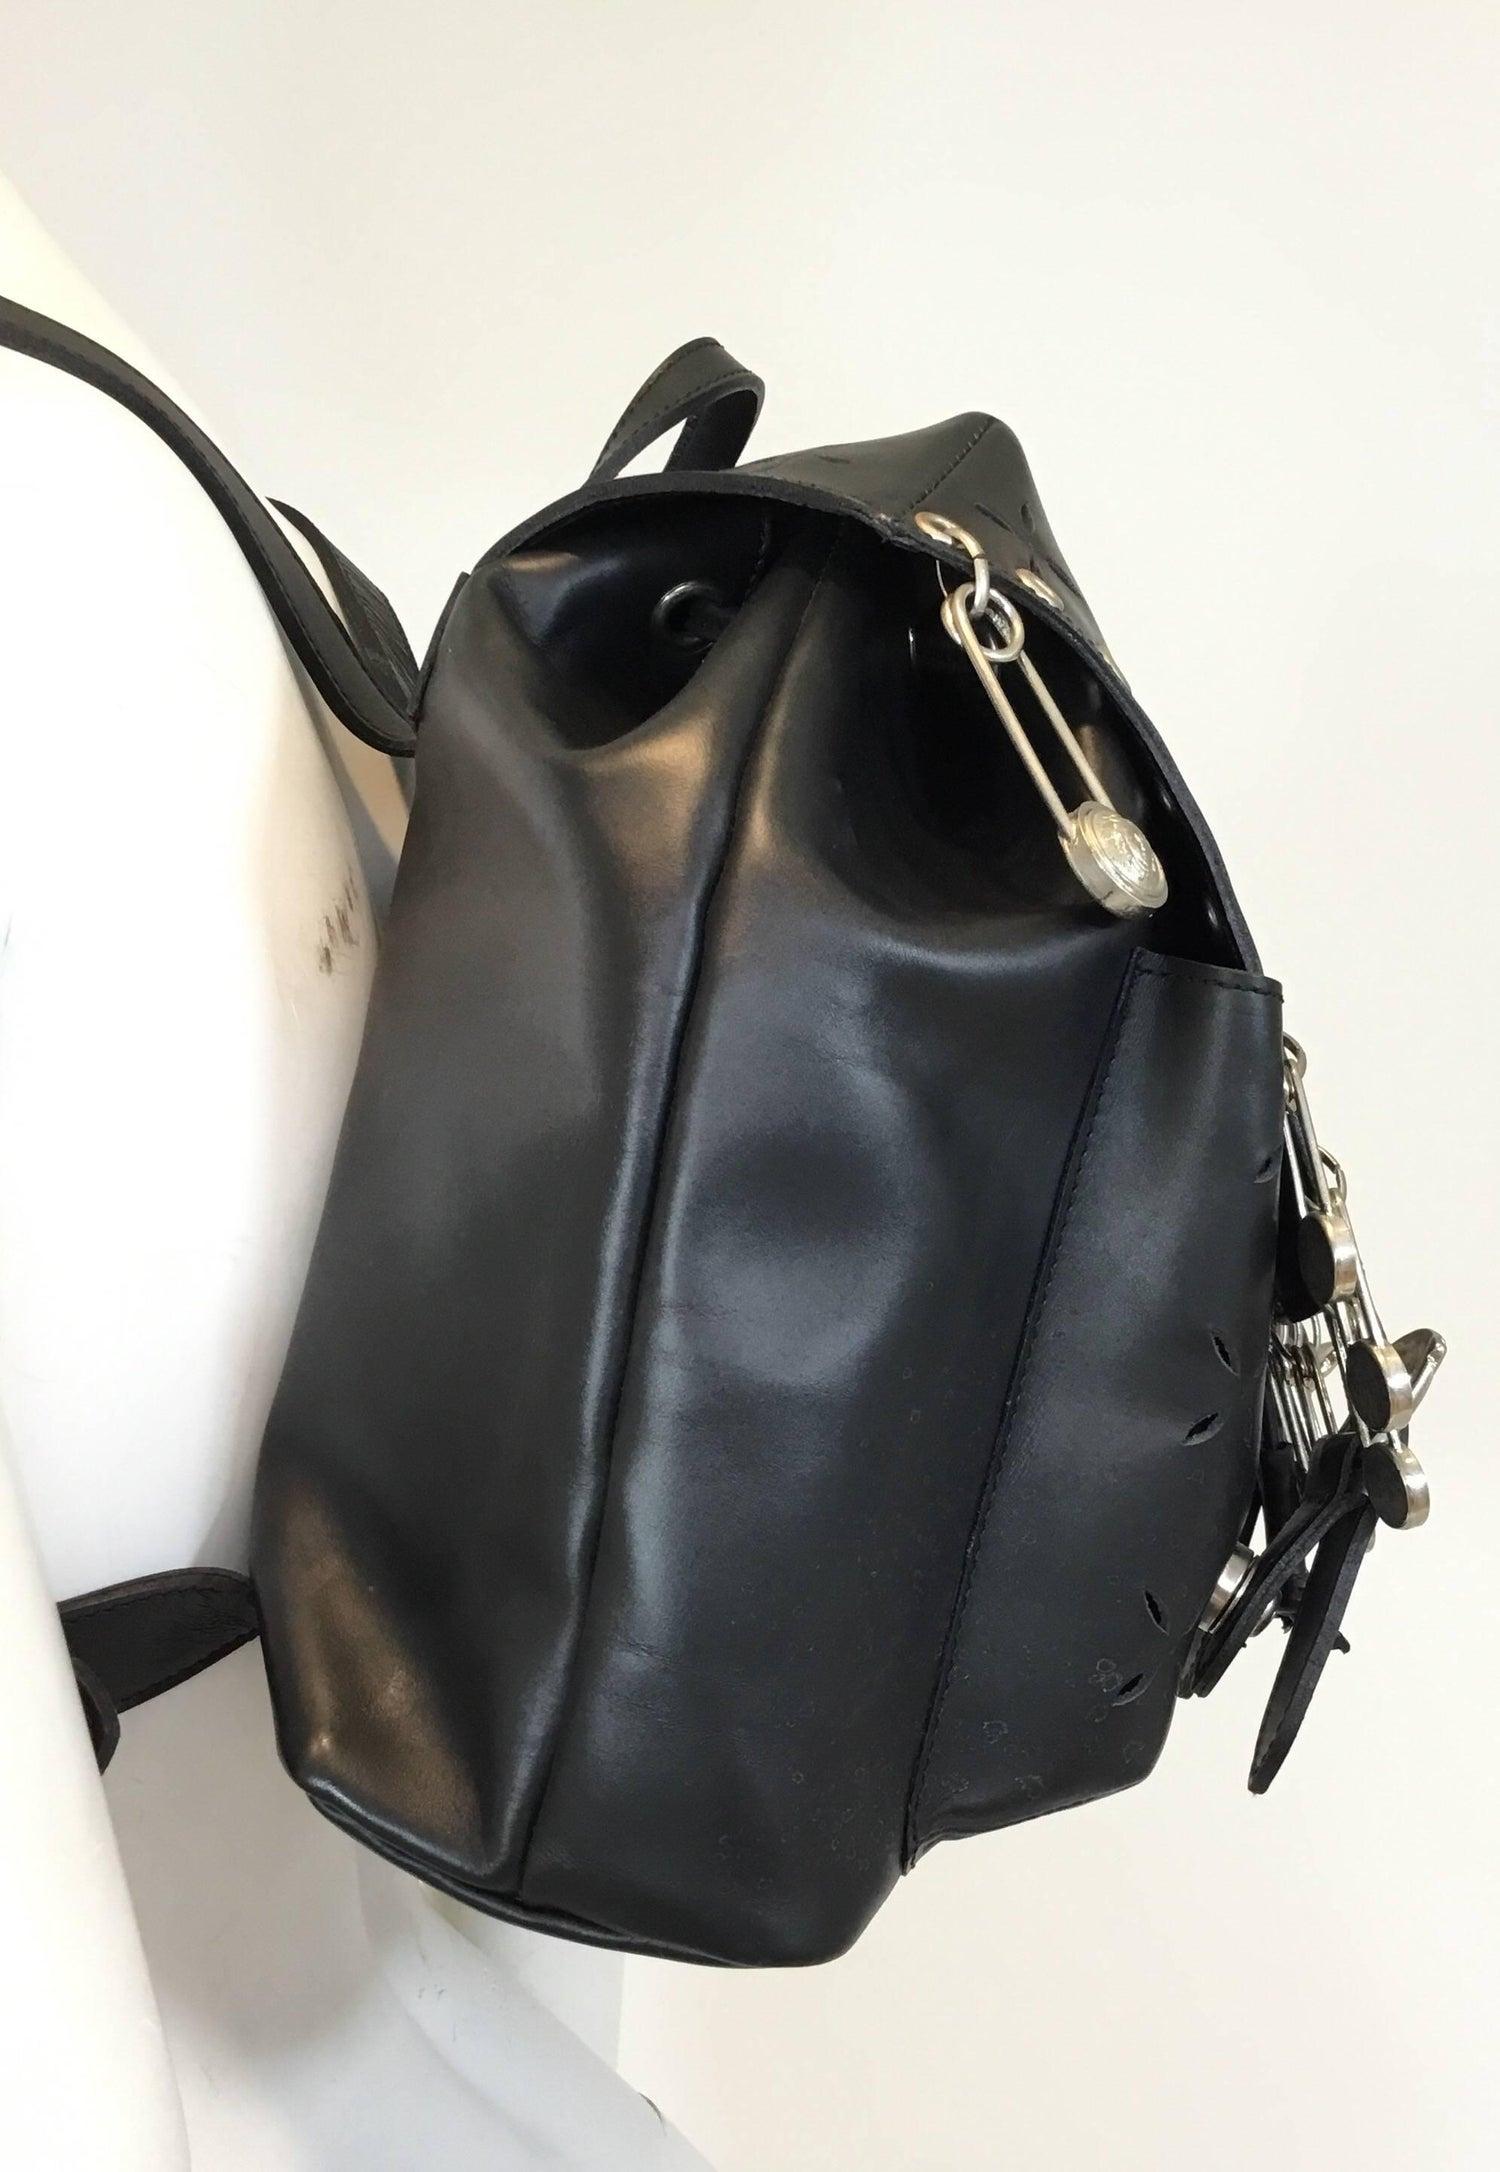 0c2df62d27 Gianni Versace 1994 Medusa Safety Pin Vintage Backpack Bag at 1stdibs